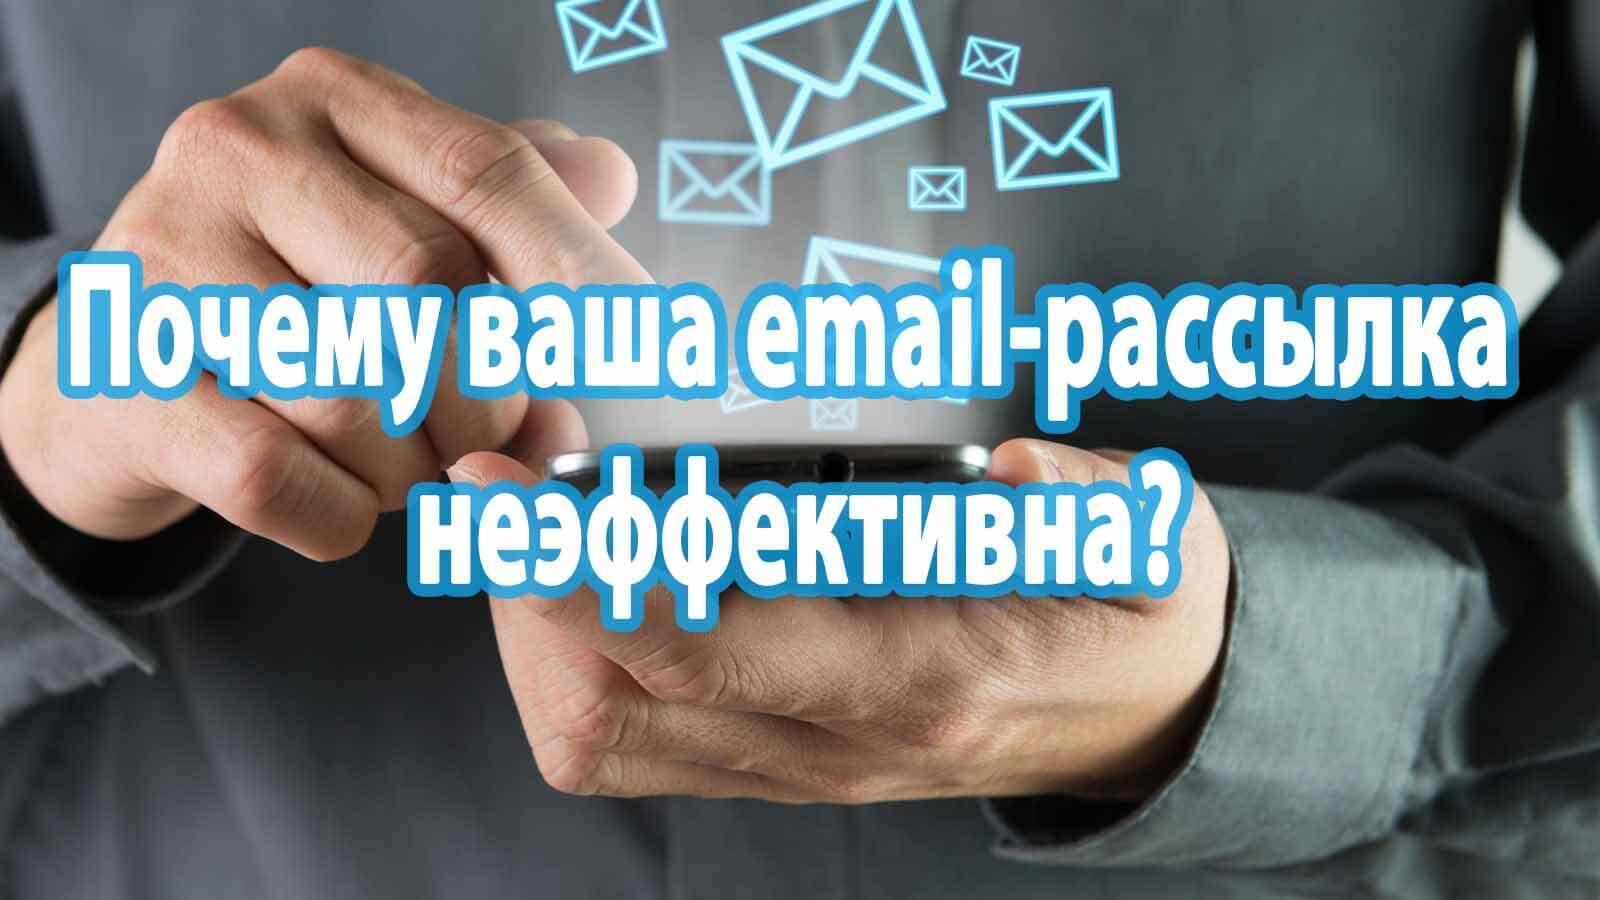 Почему ваша email-рассылка неэффективна?